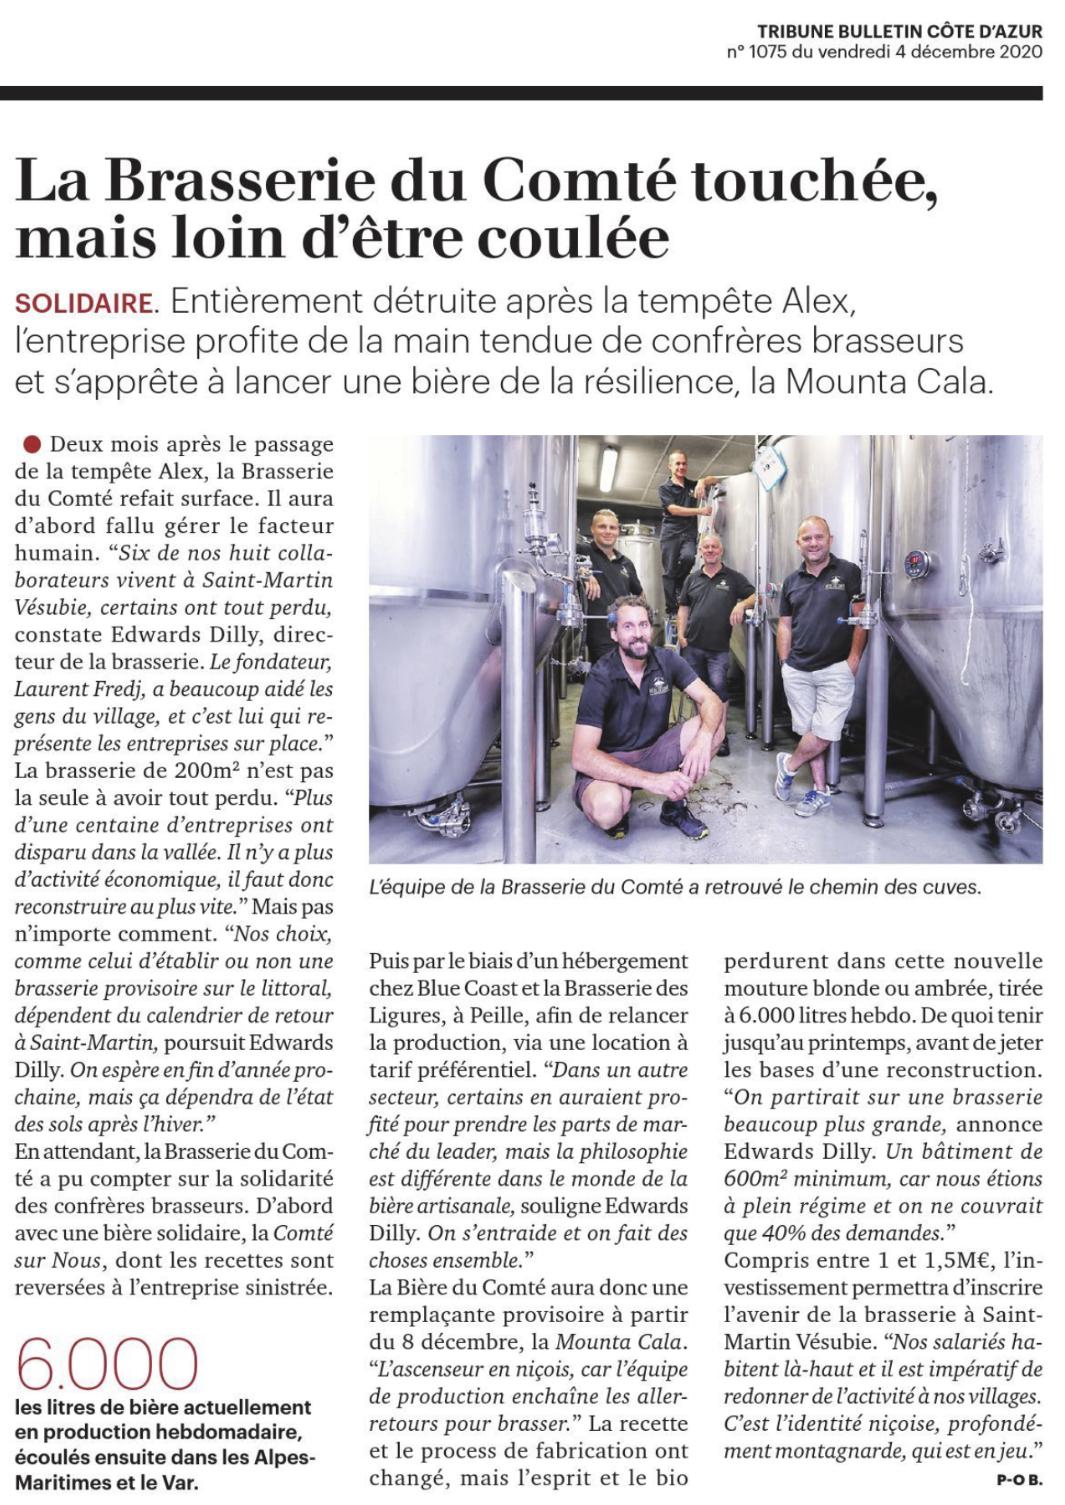 Article » la Brasserie du Comté touchée, mais loin d'être coulée » La Tribune – 04/12/2020